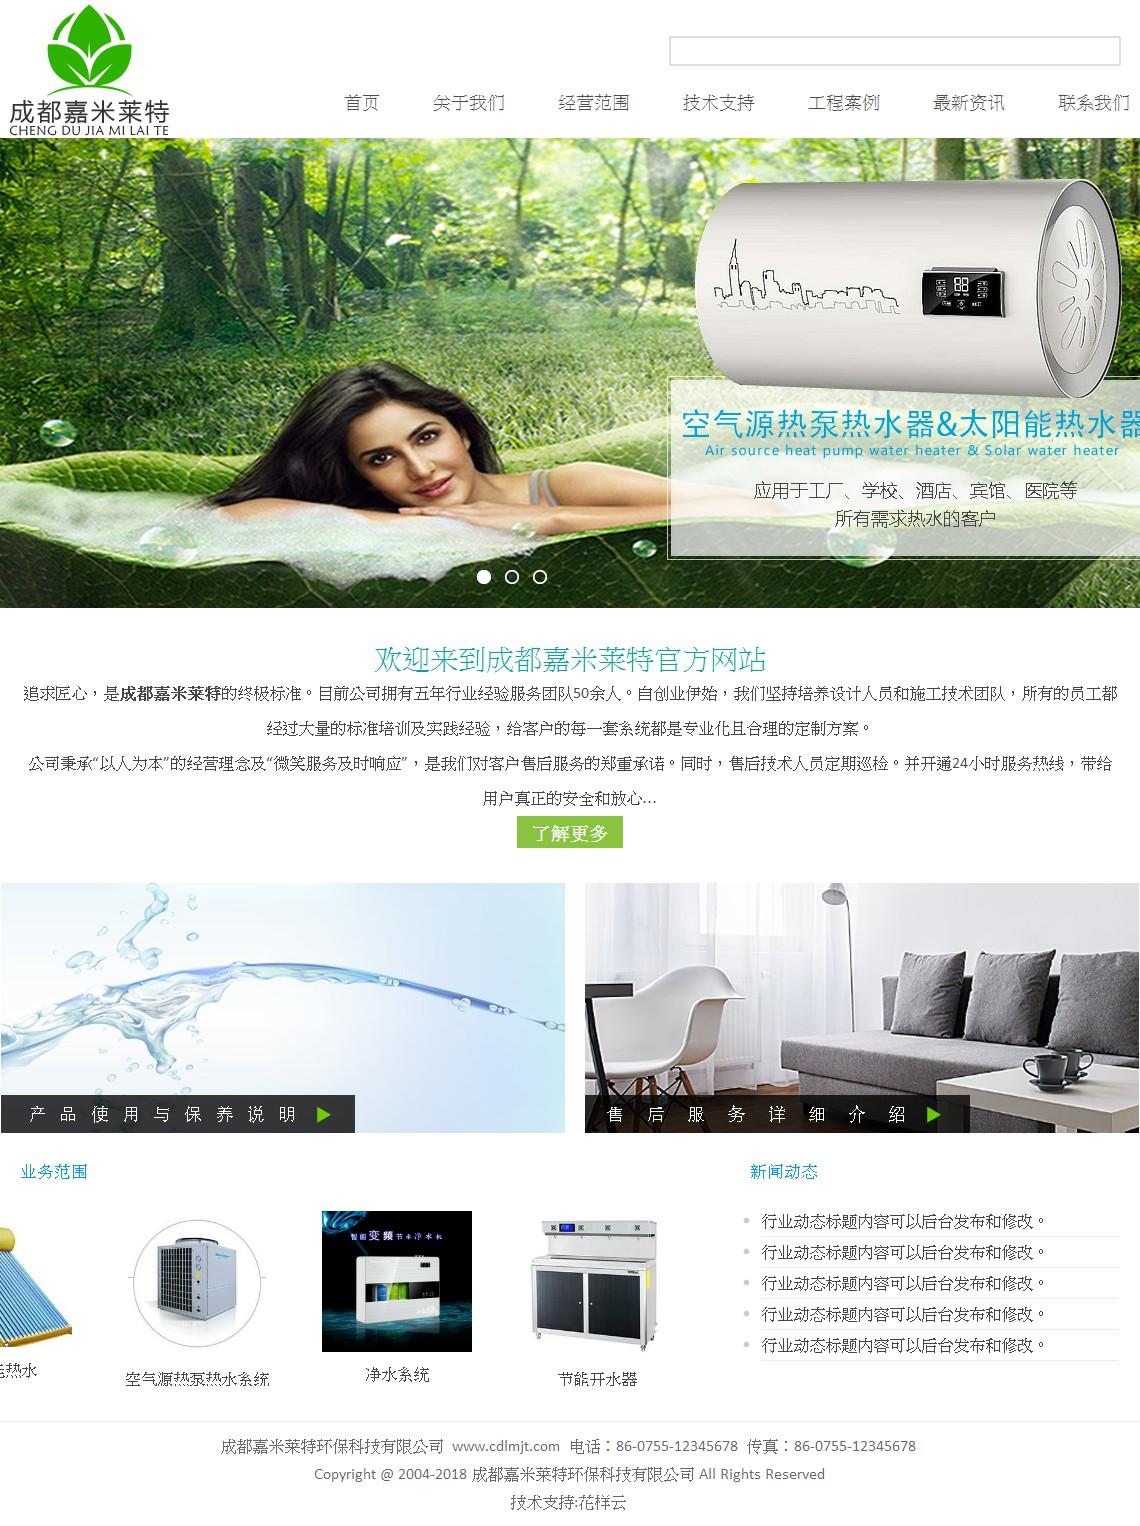 网站制作案例:成都嘉米莱特环保科技有限公司